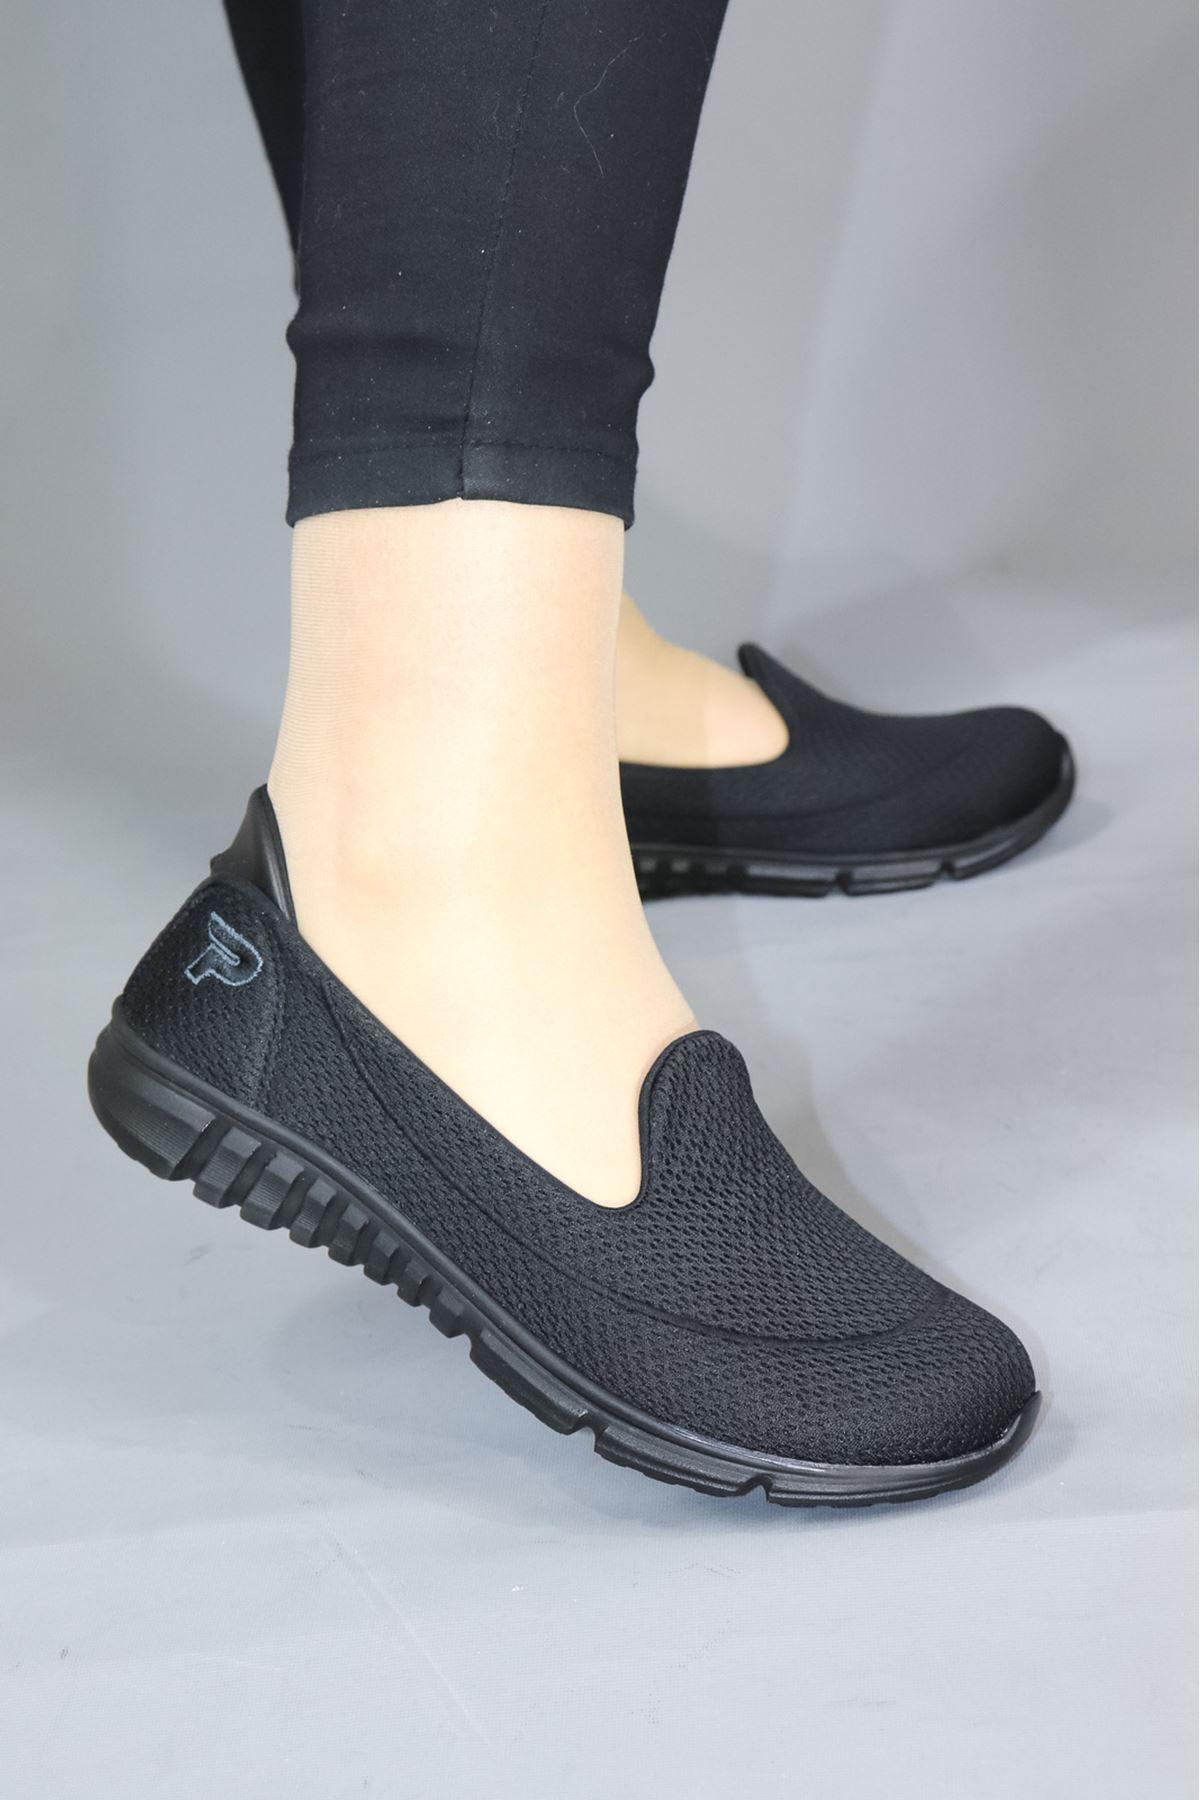 Trendayakkabı - Siyah Fileli Ortopedik Kadın Ayakkabısı